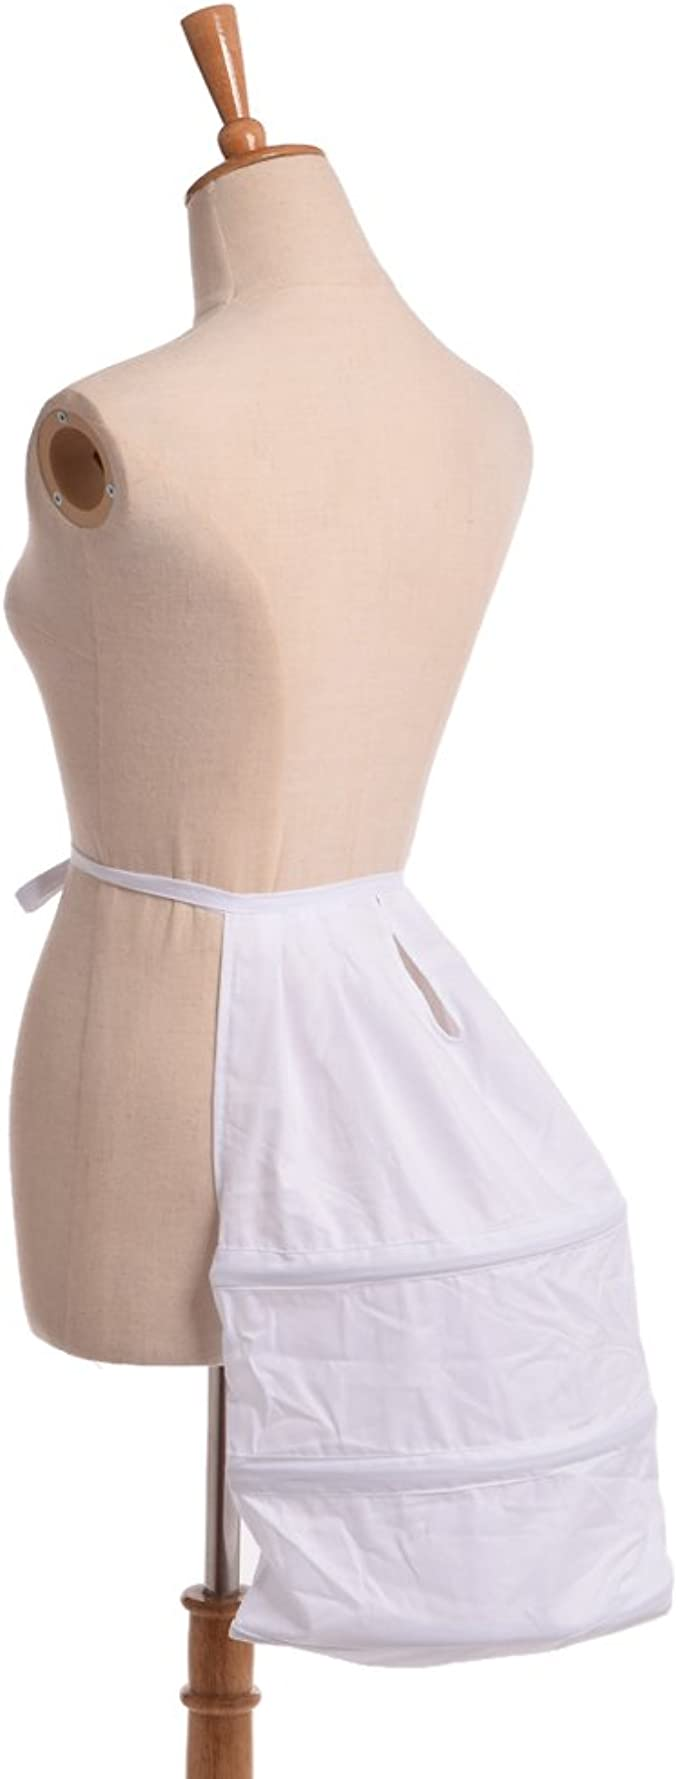 Renaissance Dress Crinoline Cage 3Hoops Bustle Double Pannier Gown Petticoat 1pc